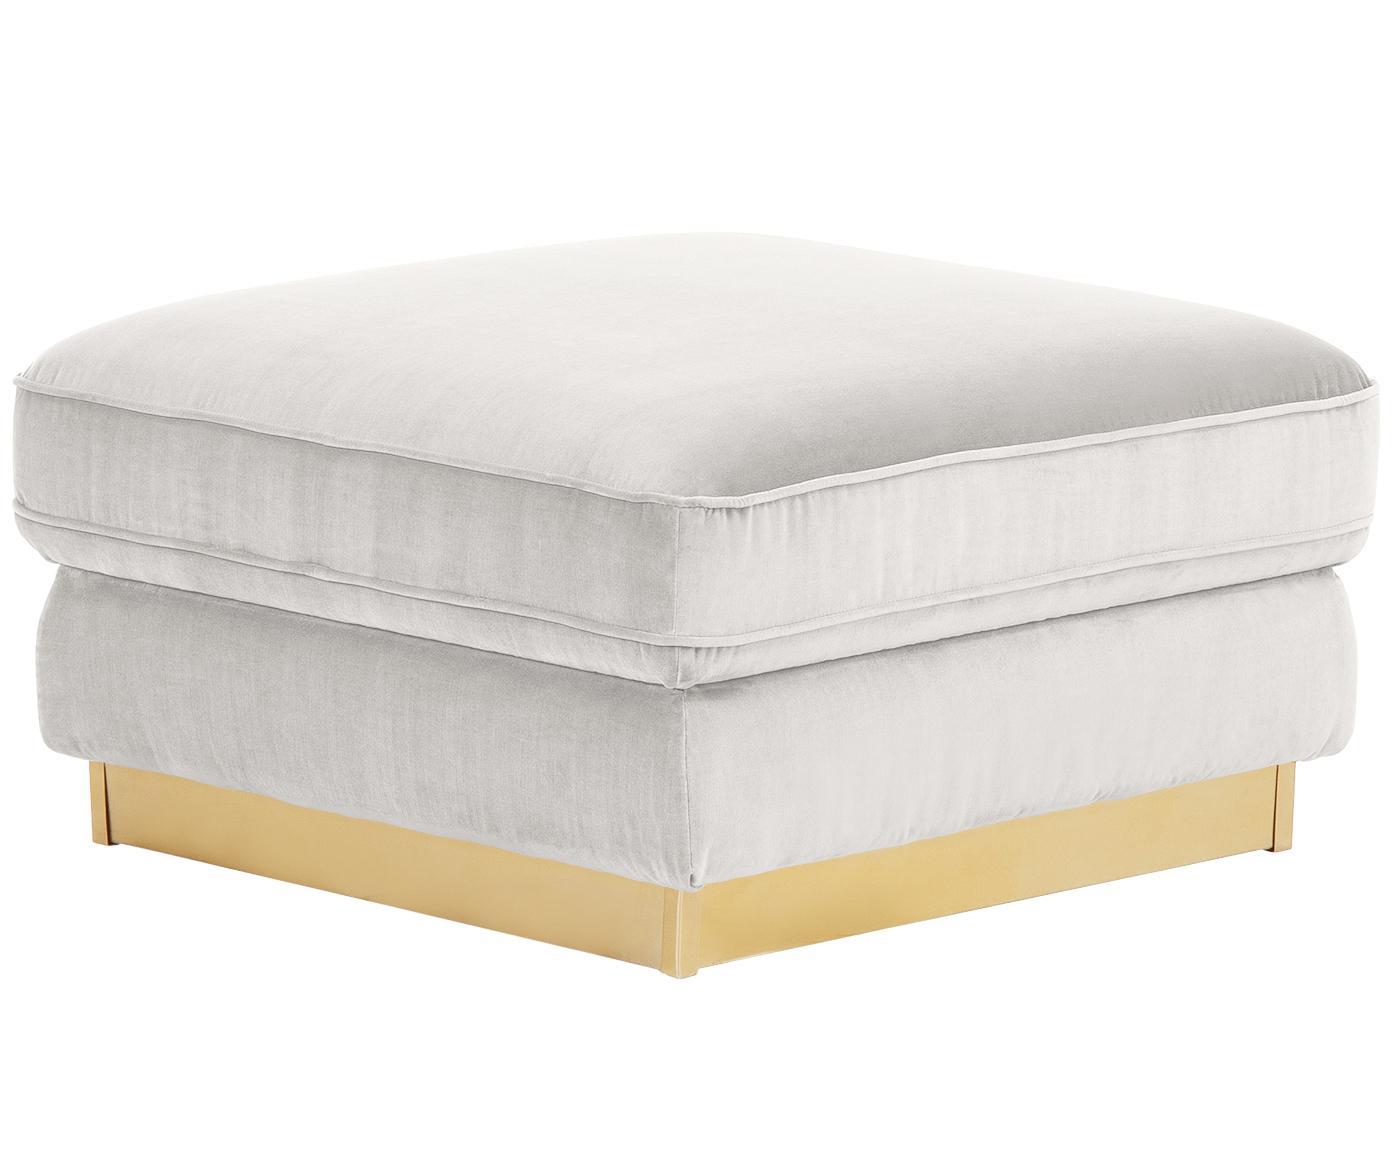 Poggiapiedi da divano in velluto Chelsea, Rivestimento: velluto (rivestimento in , Struttura: legno di abete rosso mass, Struttura: metallo, rivestito, Velluto grigio chiaro-beige, Larg. 80 x Alt. 44 cm